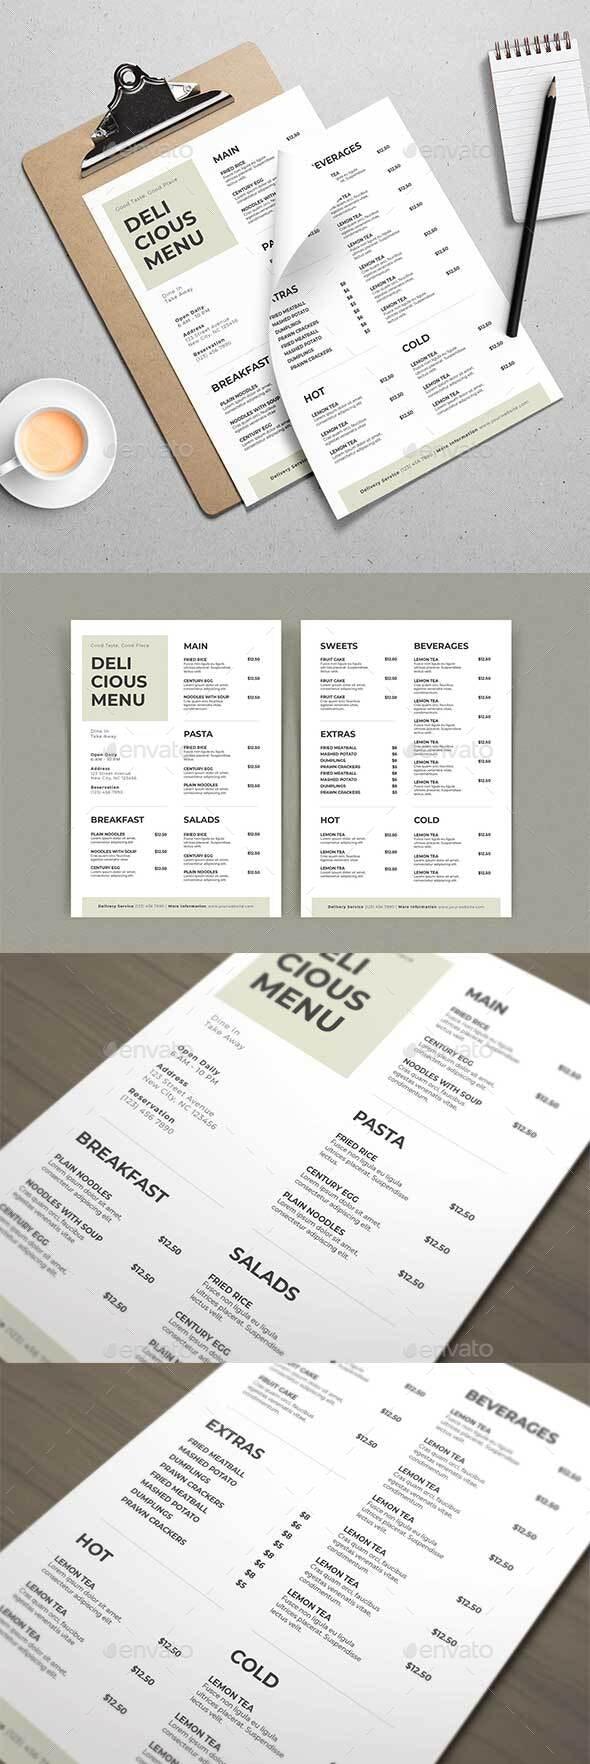 Simple Delicious Menu Template - Food Menus Print Templates